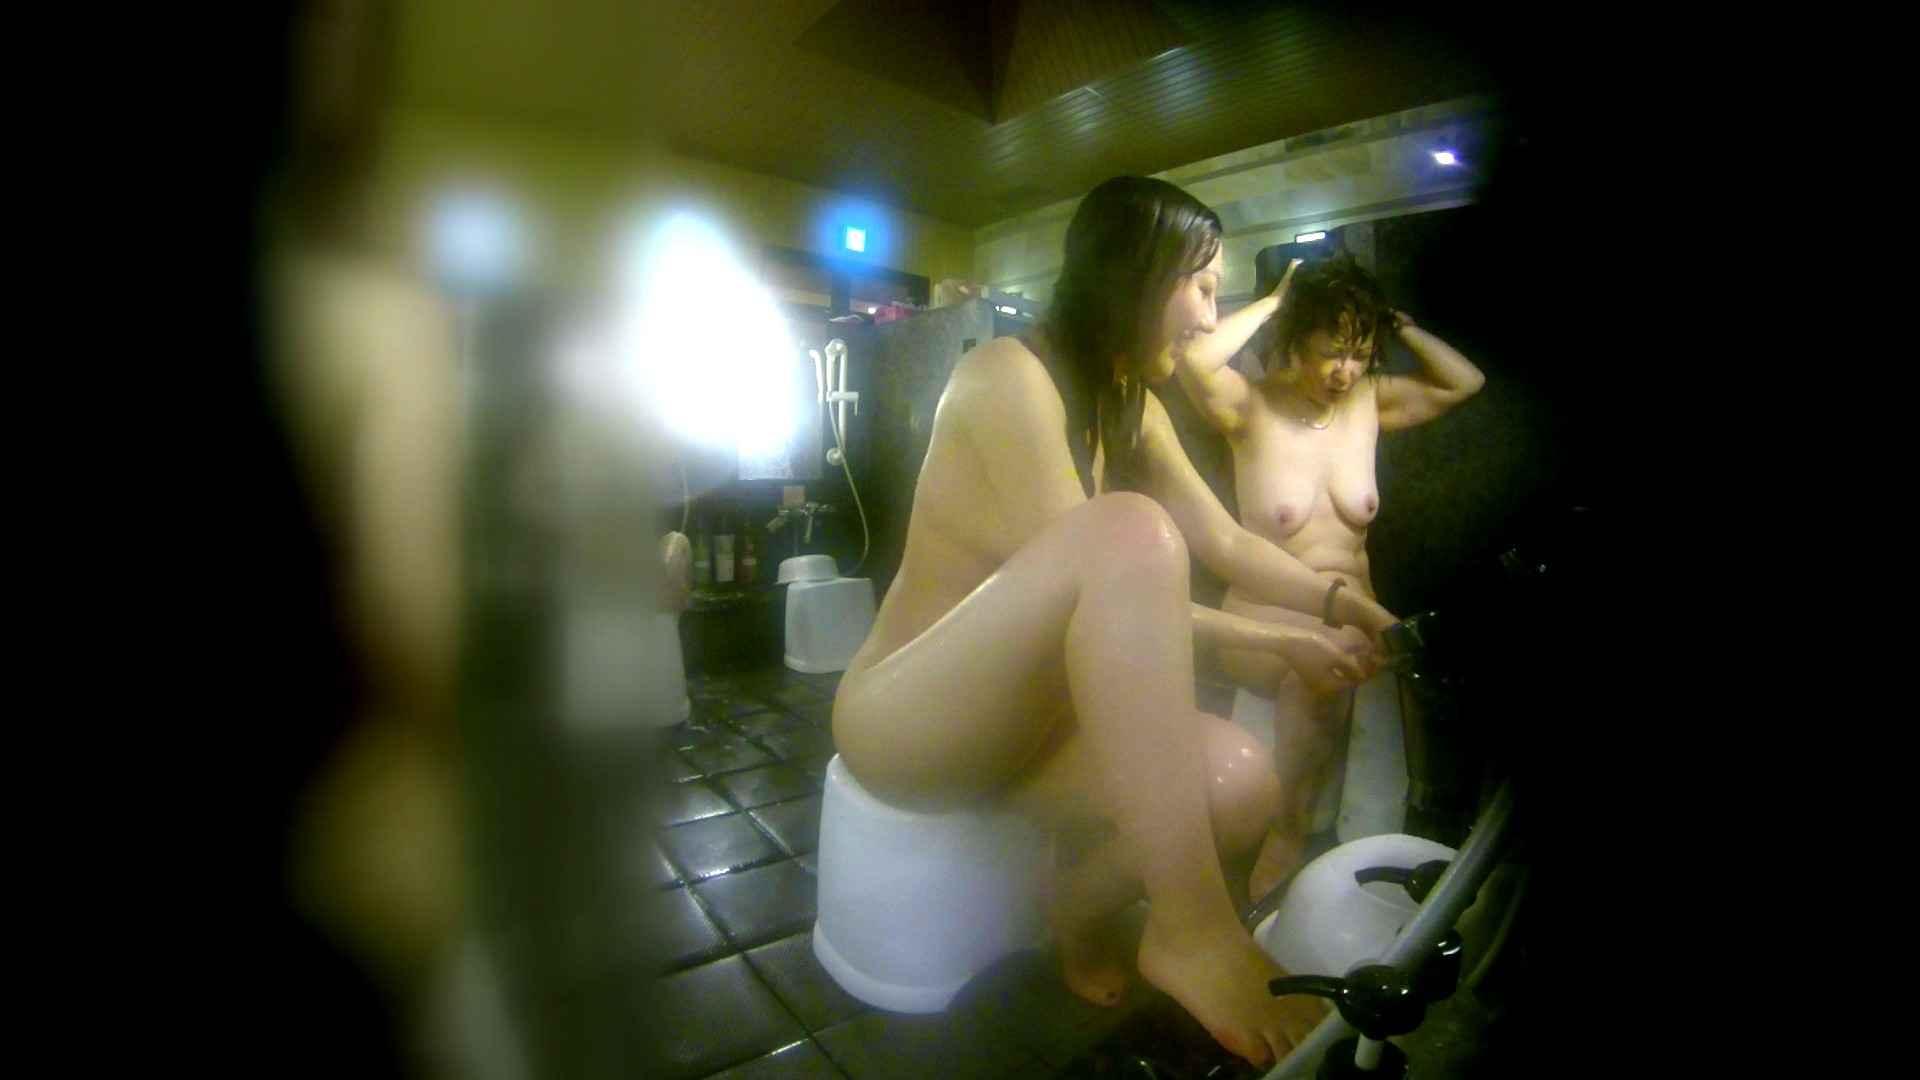 洗い場!右足の位置がいいですね。陰毛もっさり! 銭湯  58pic 12